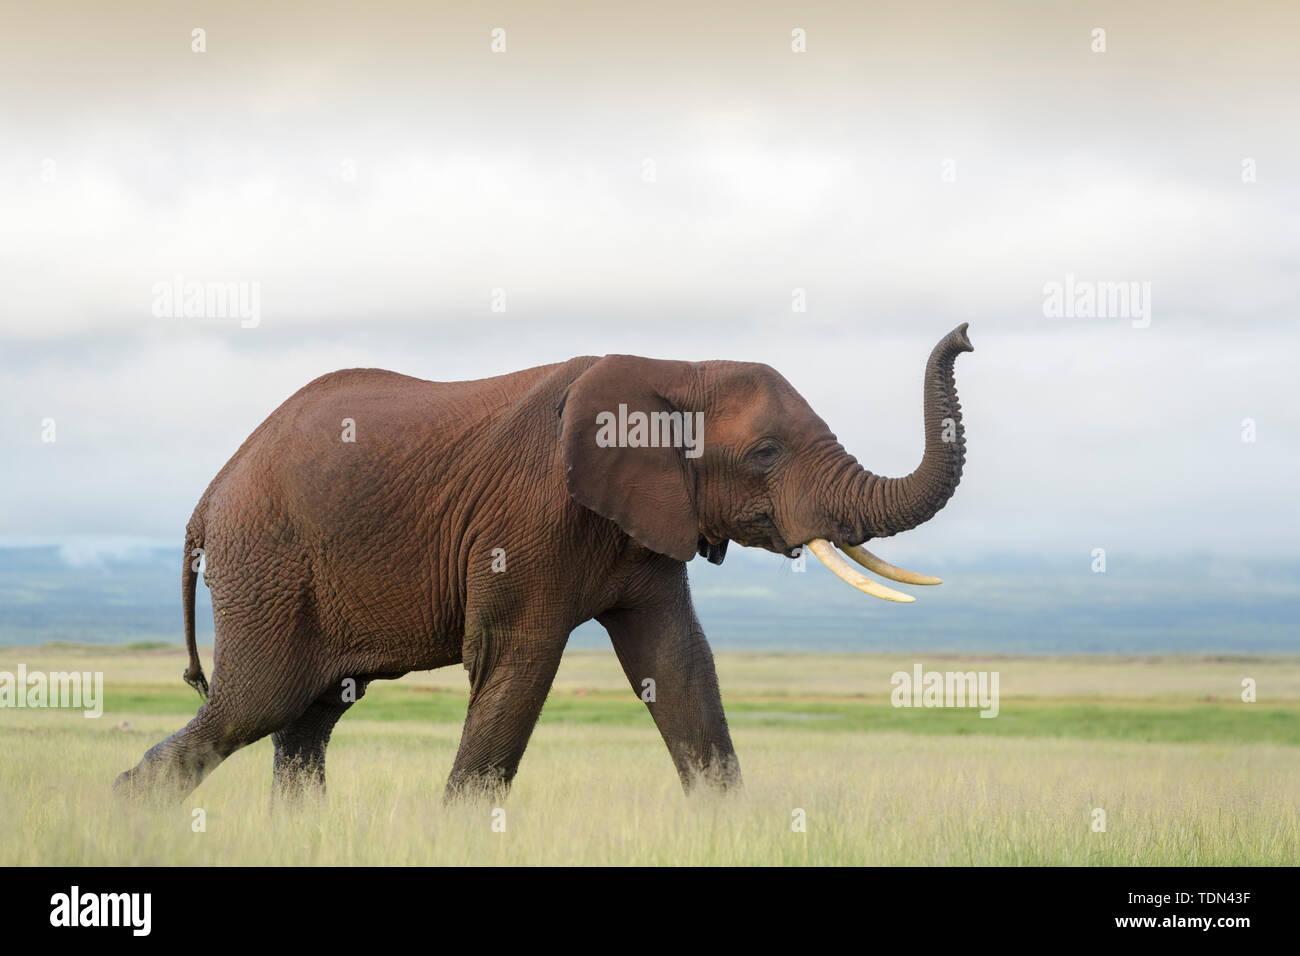 African elephant (Loxodonta africana) bull, smelling with trunk at sunset, Amboseli national park, Kenya. - Stock Image